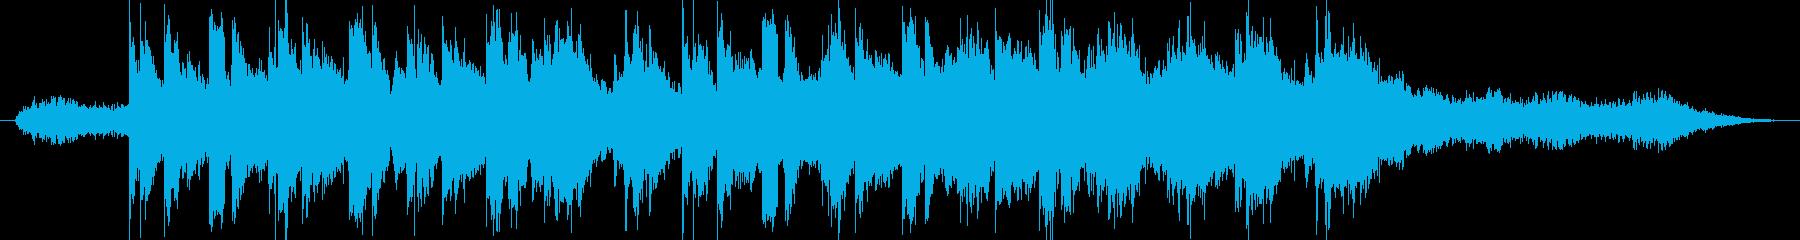 アメリカーナ楽器。孤独なスライドギ...の再生済みの波形